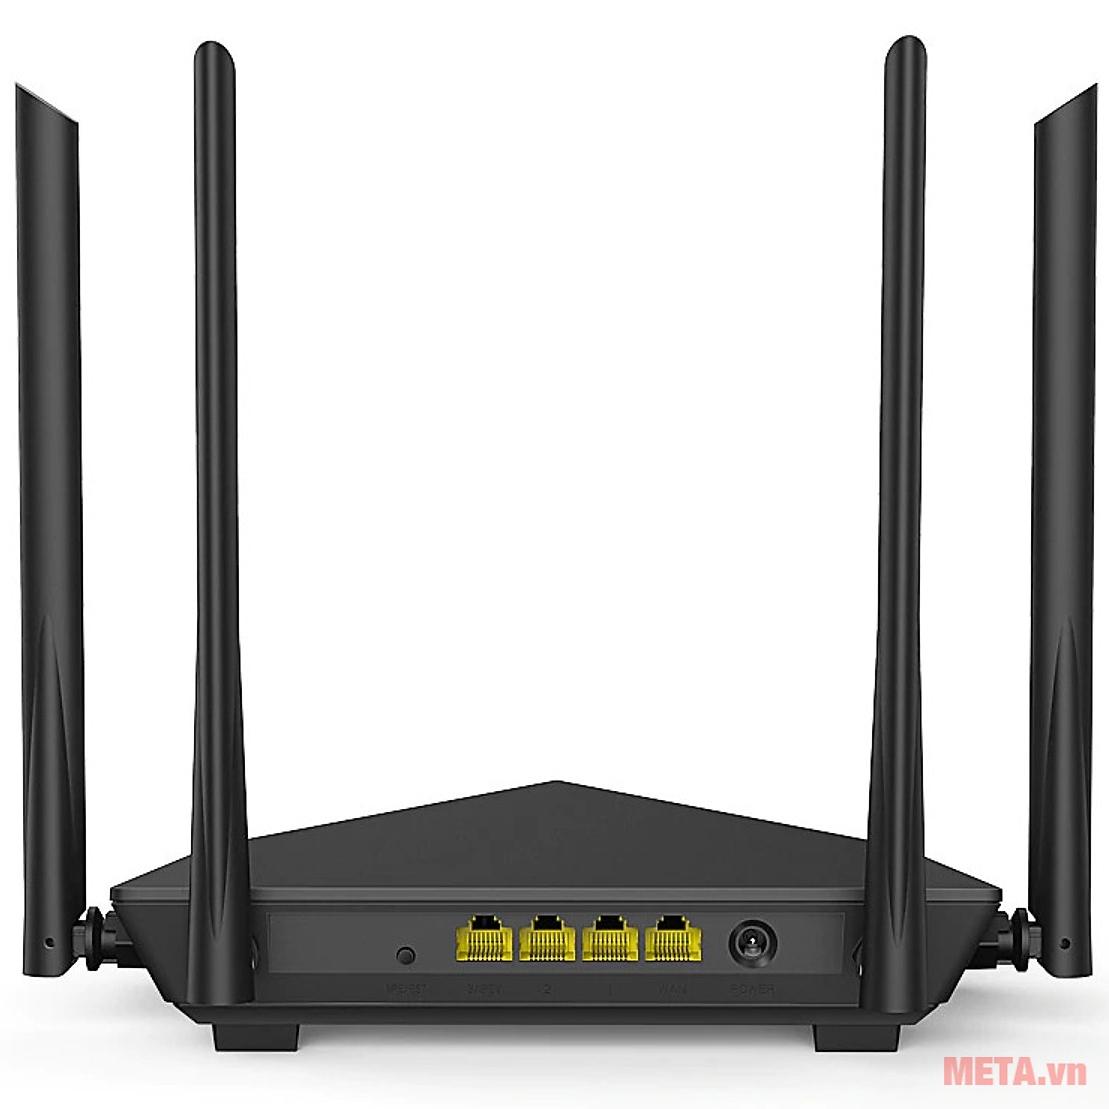 Bộ phát wifi không dây